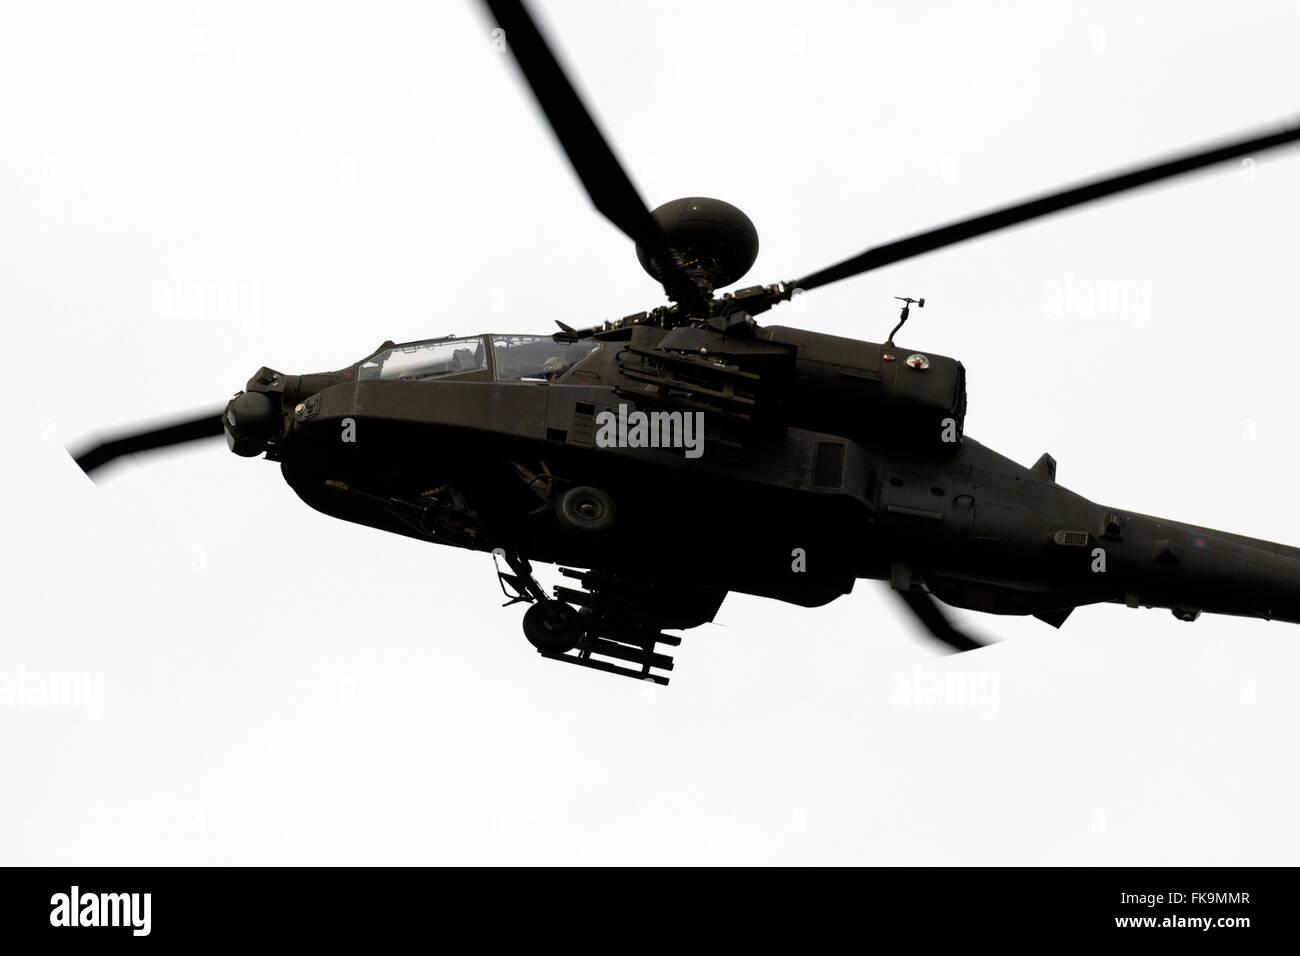 AgustaWestland Apache attack helicopter from RAF Wattisham over Rendlesham forest Suffolk UK - Stock Image